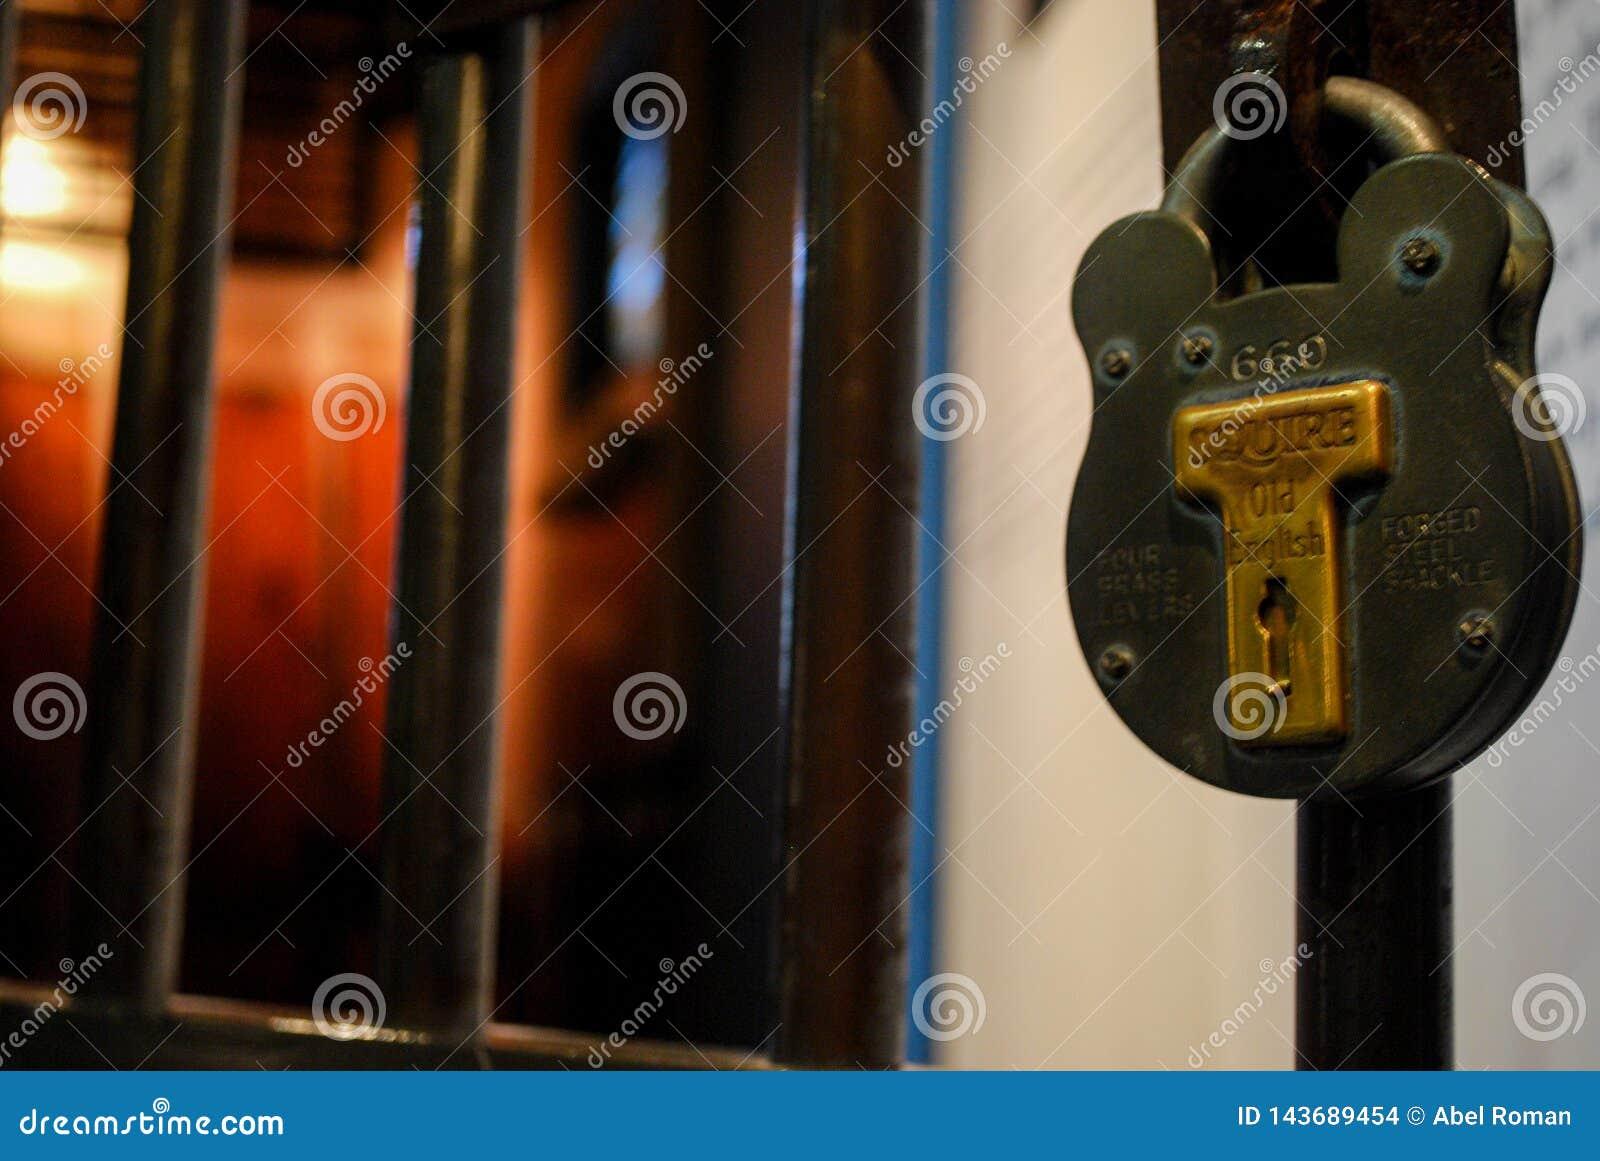 Porta de uma pilha em uma cadeia velha